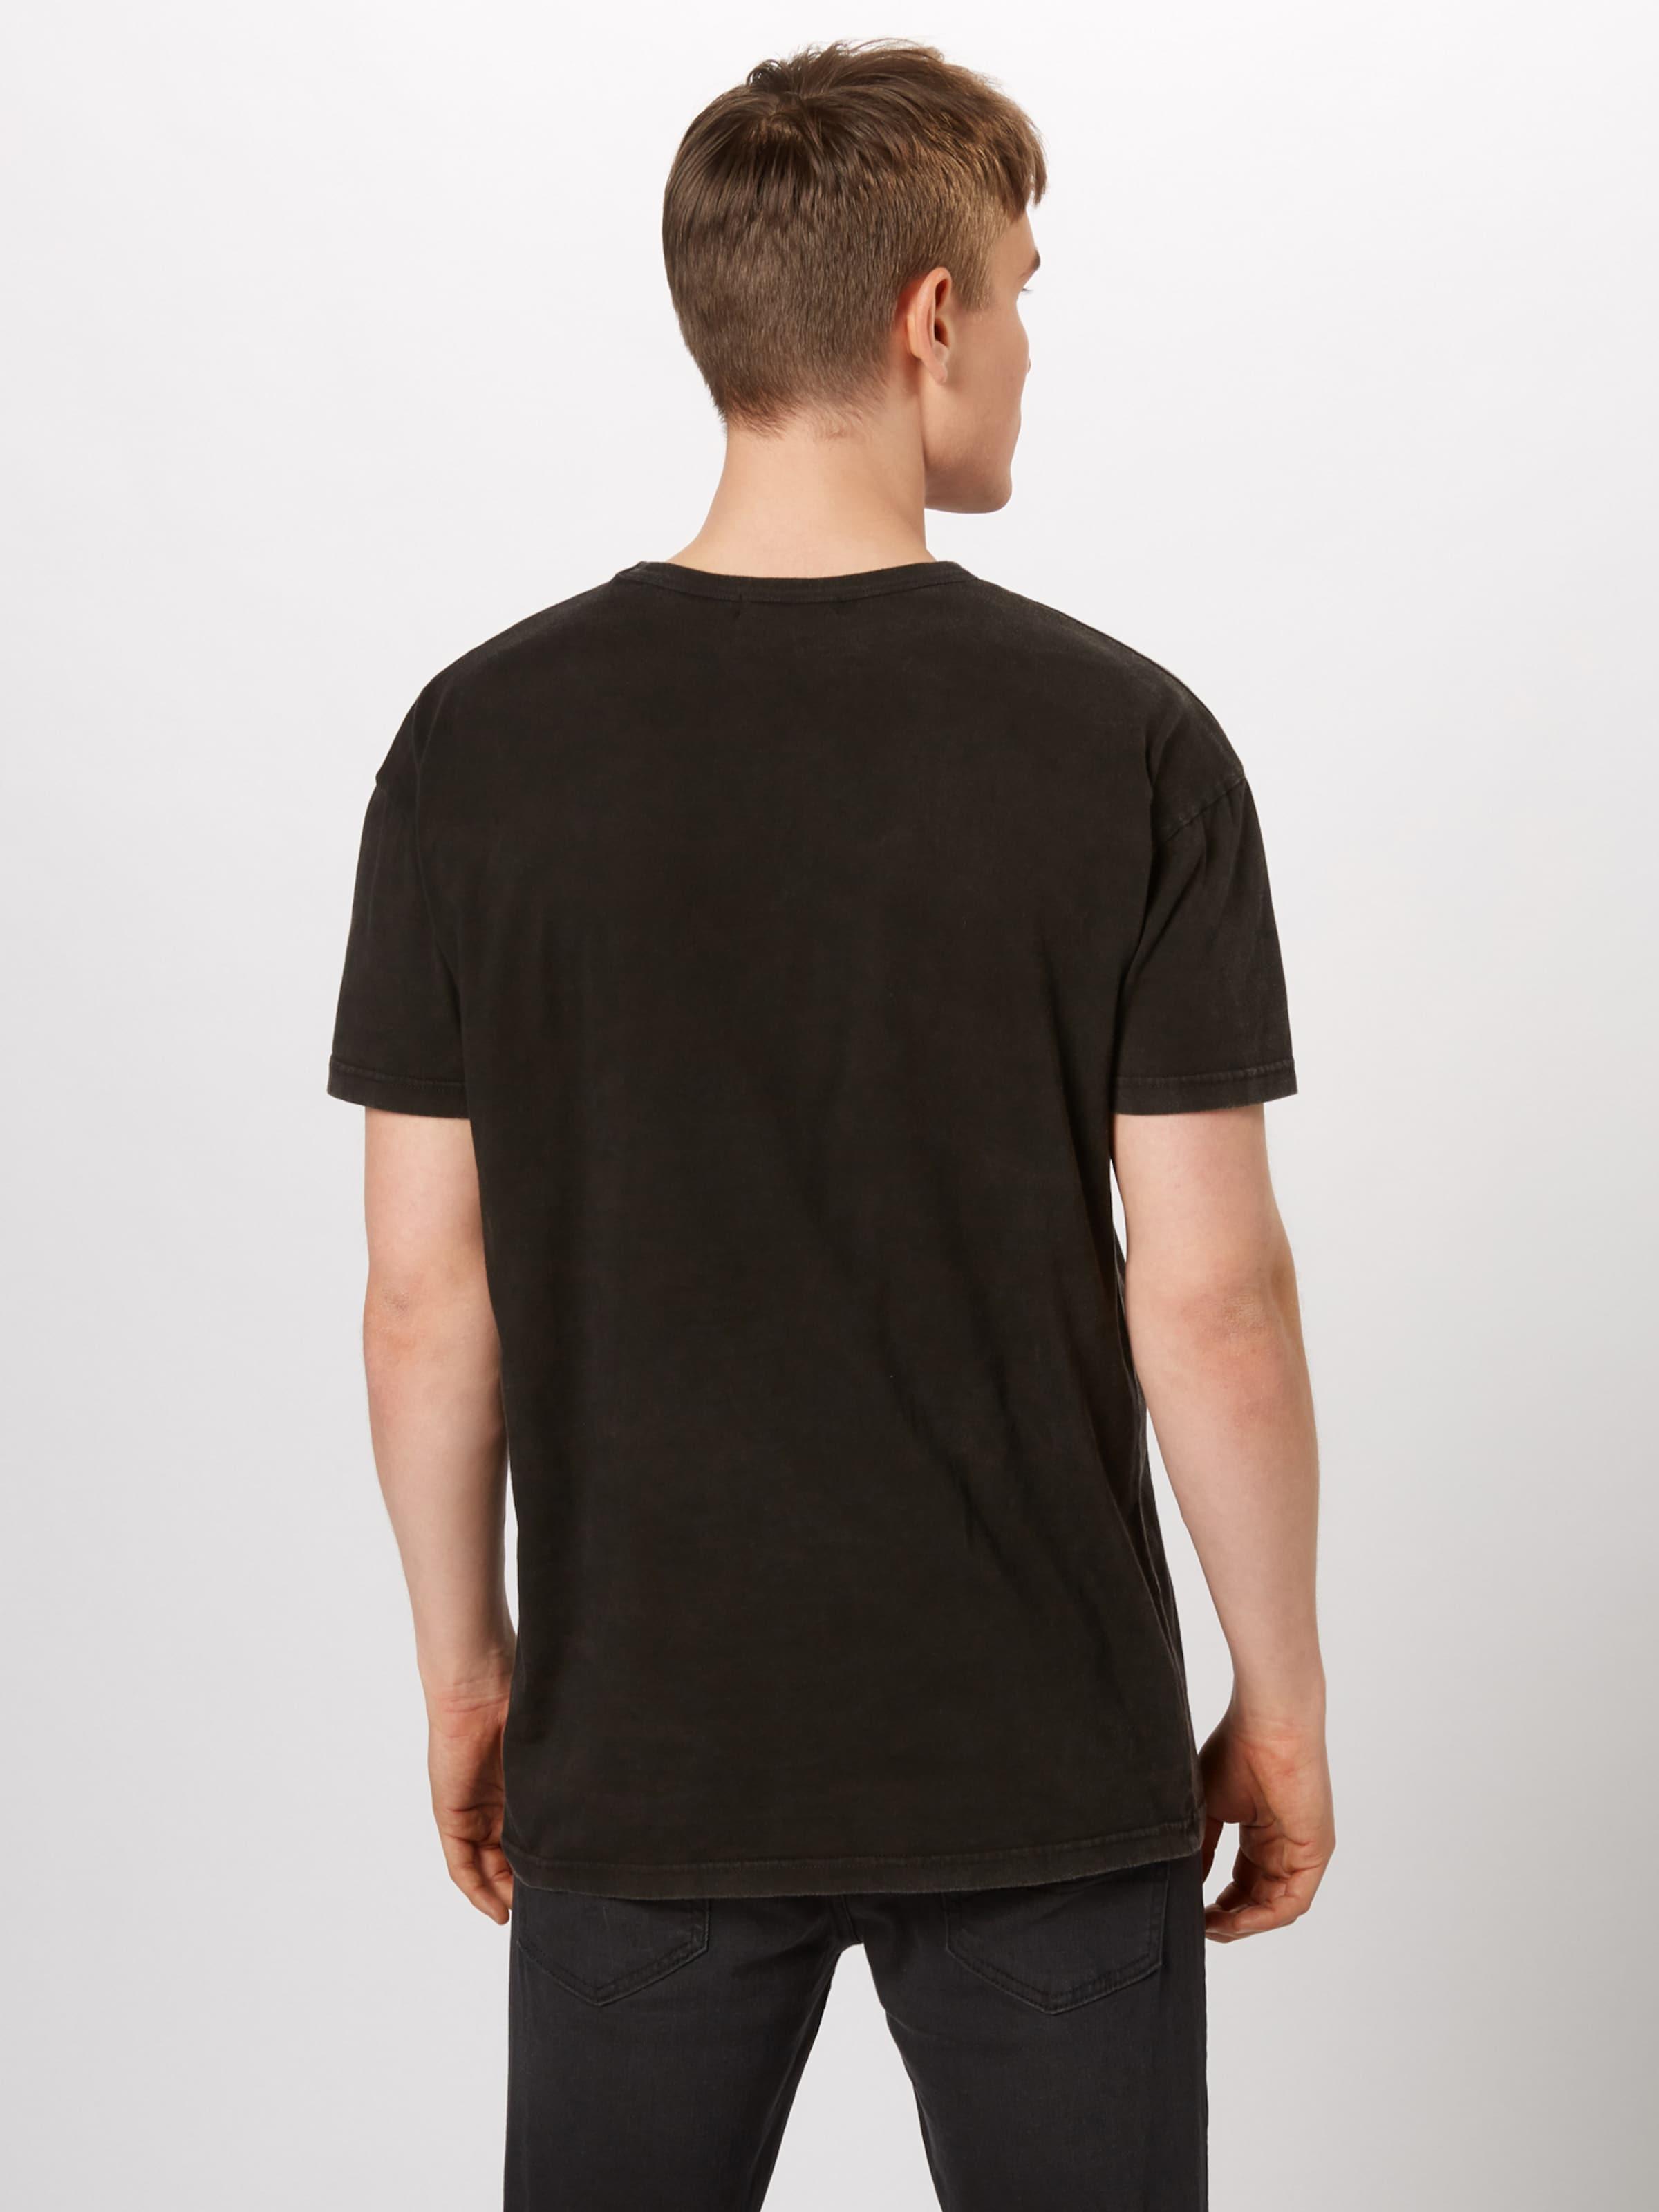 Derbe T En Noir 'customs' shirt mnwvNP8y0O